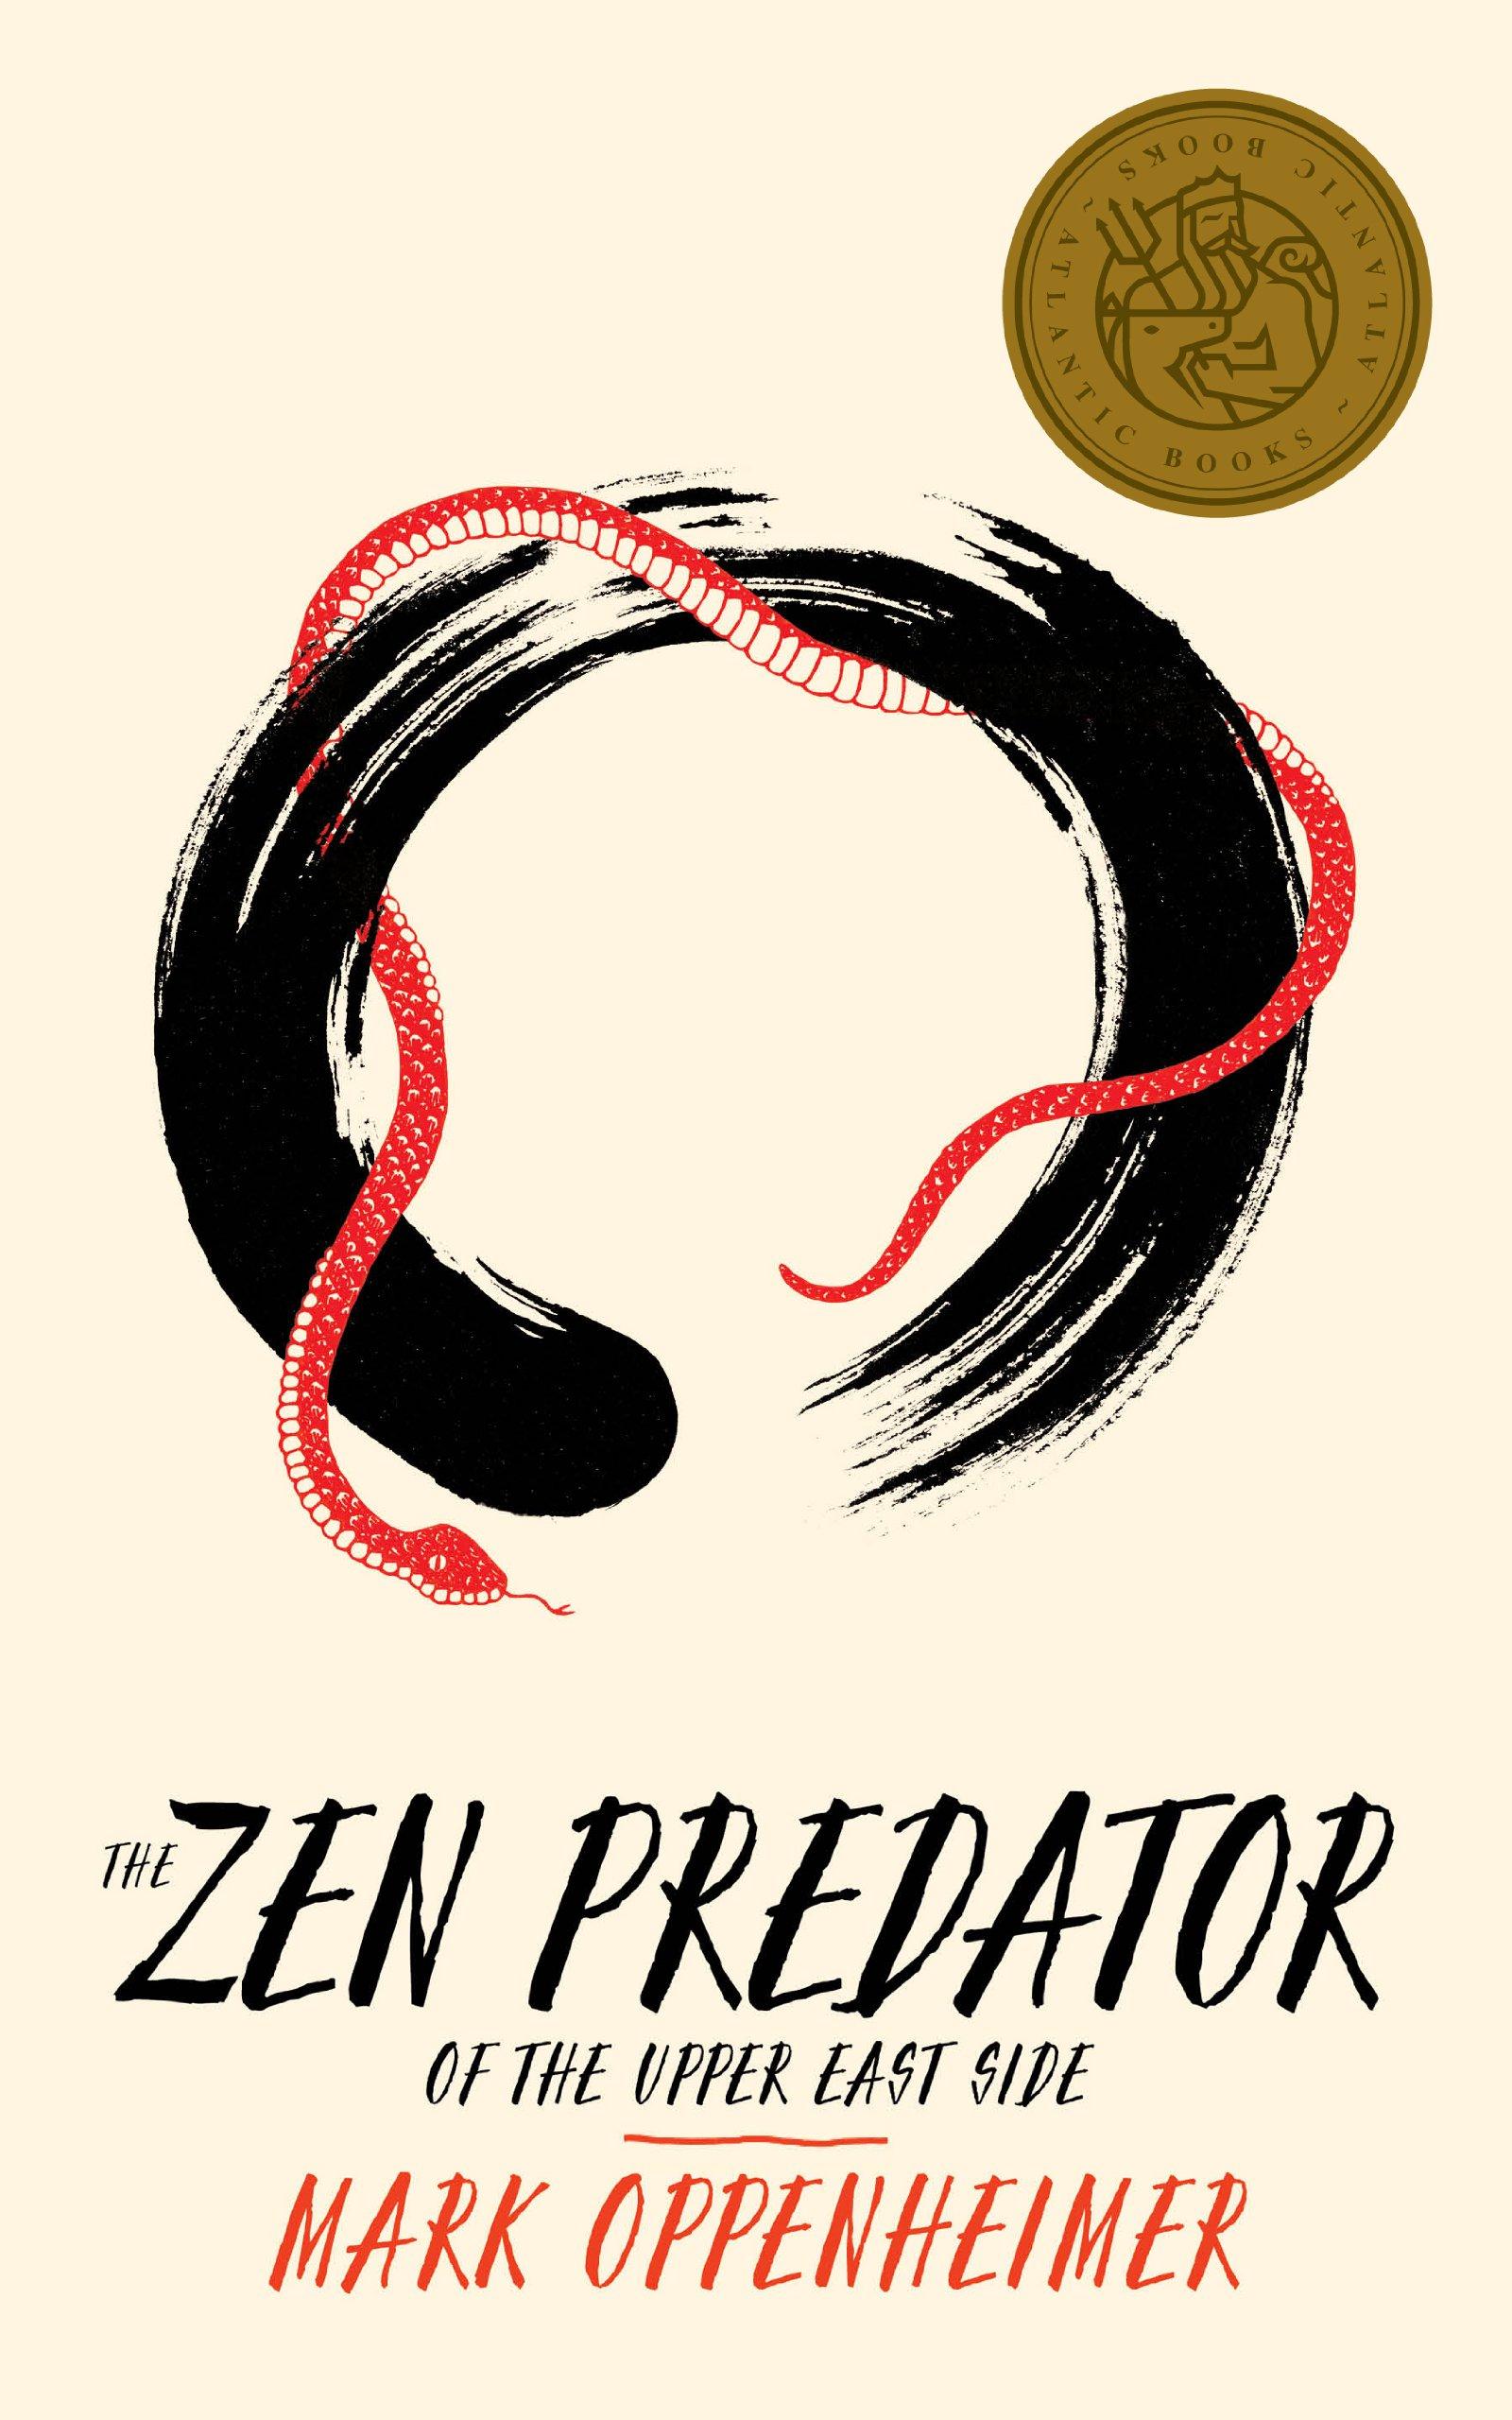 Zen predator